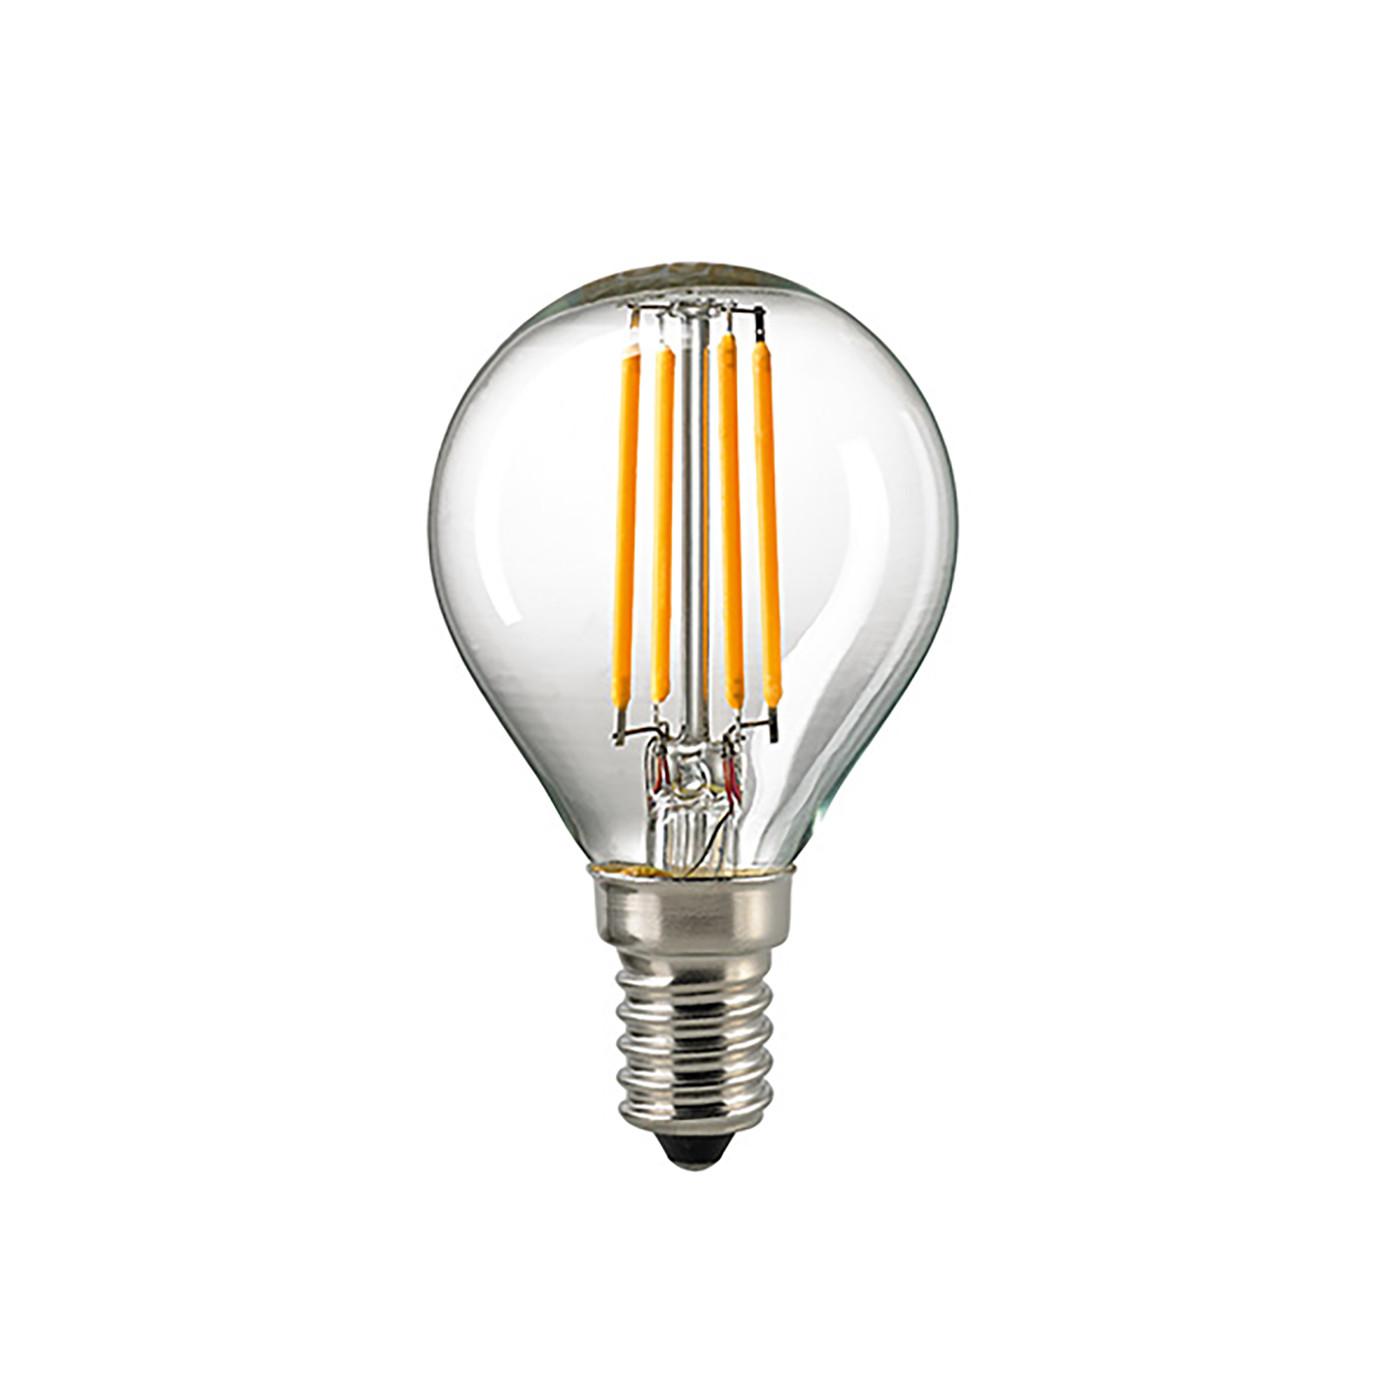 Sigor LED-Filament-Kugellampe P45 4,5W 2700K 230V E14 klar